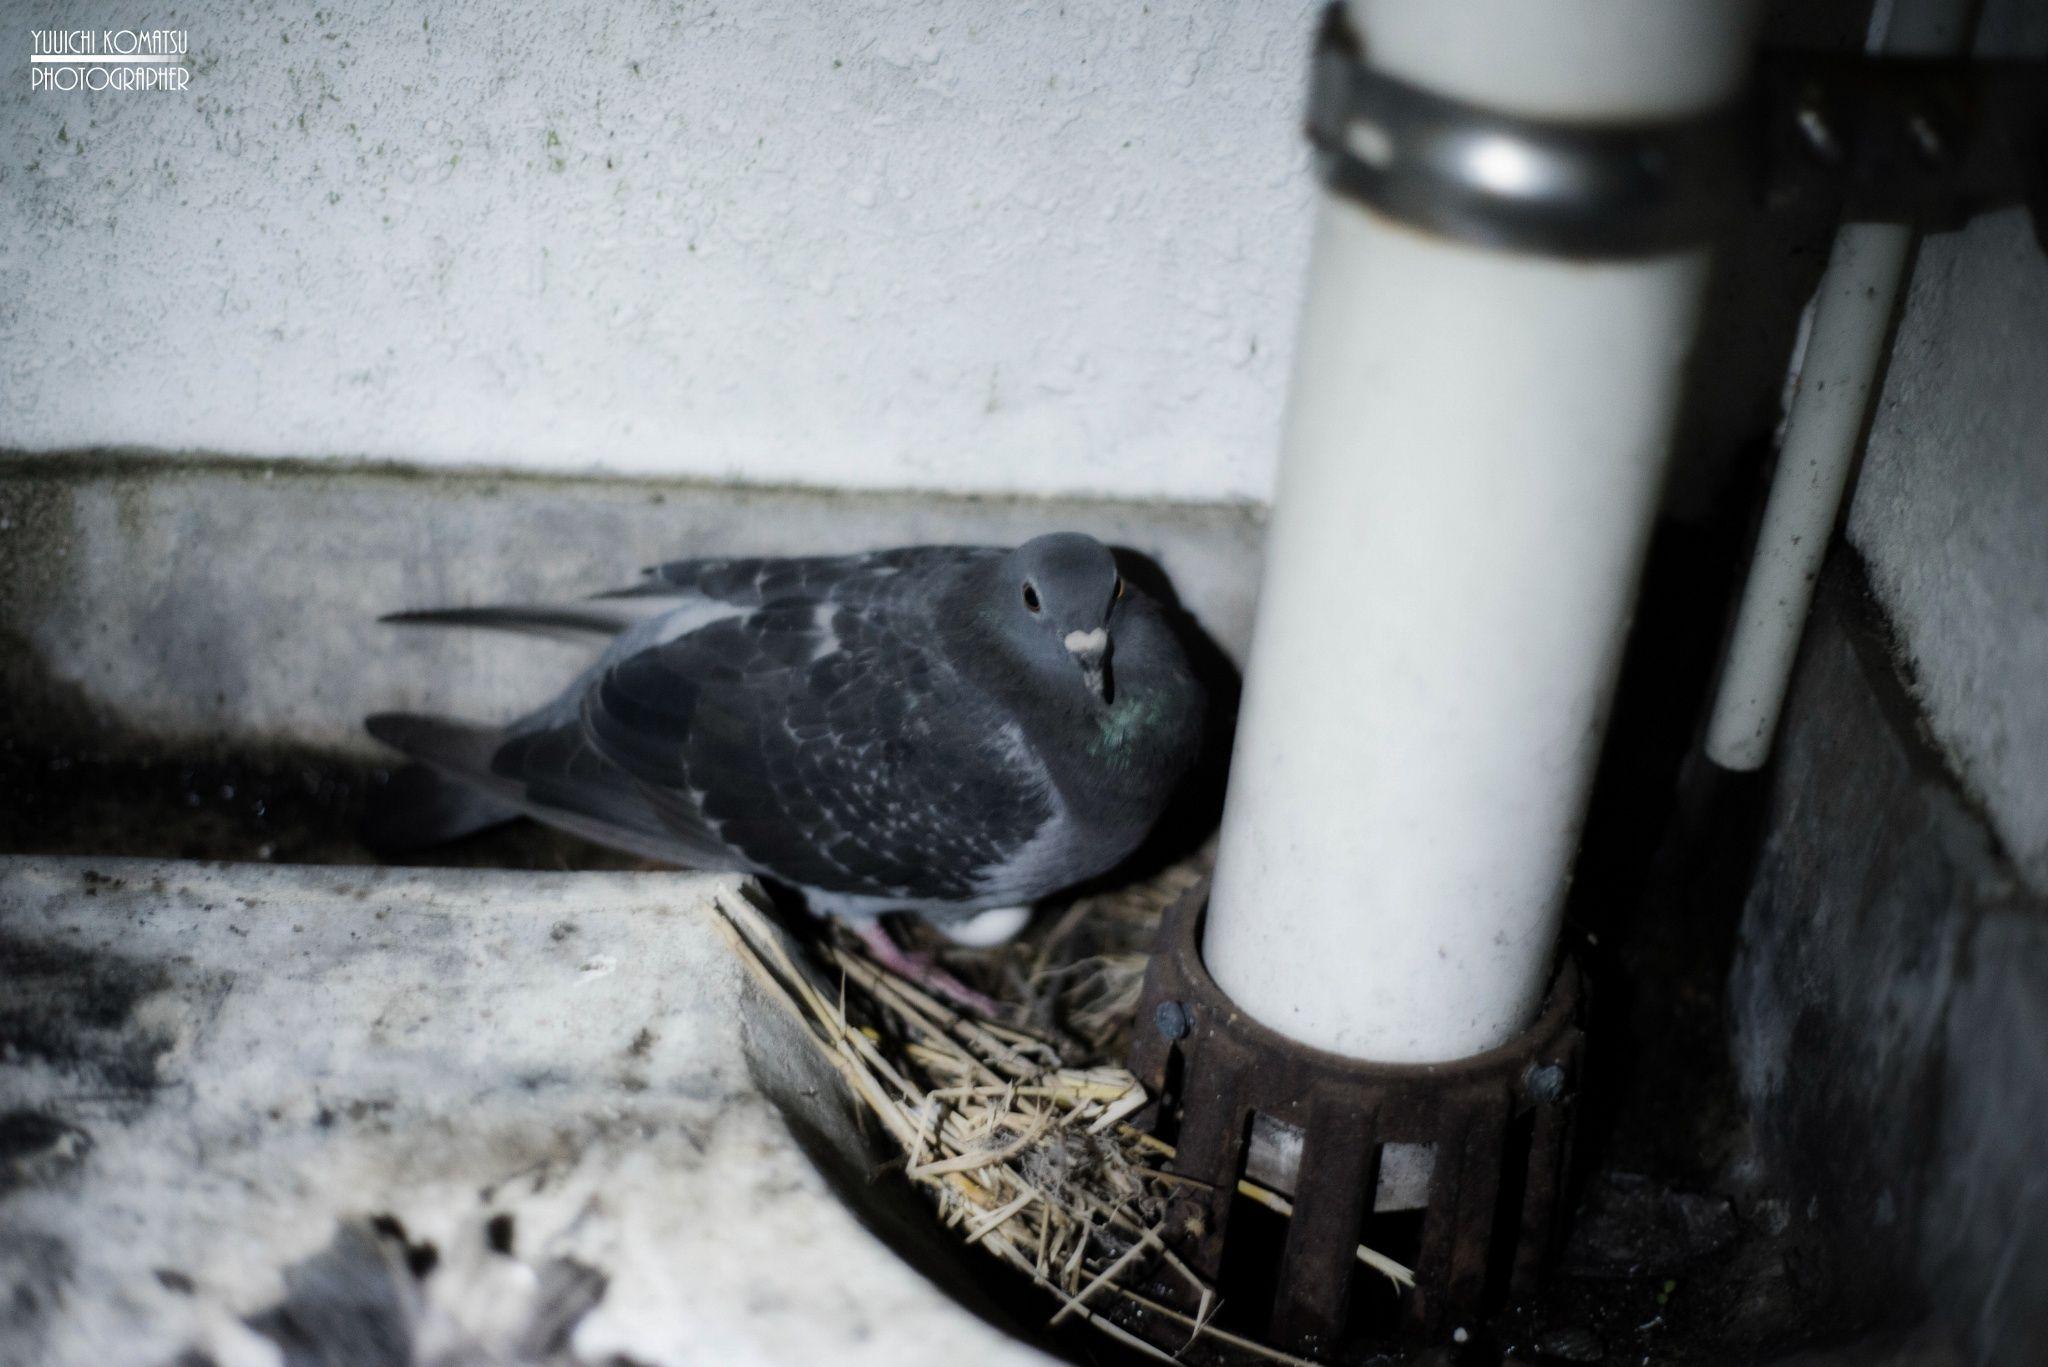 抱卵(incubation of pigeon) by Yuuichi Komatsu on 500px